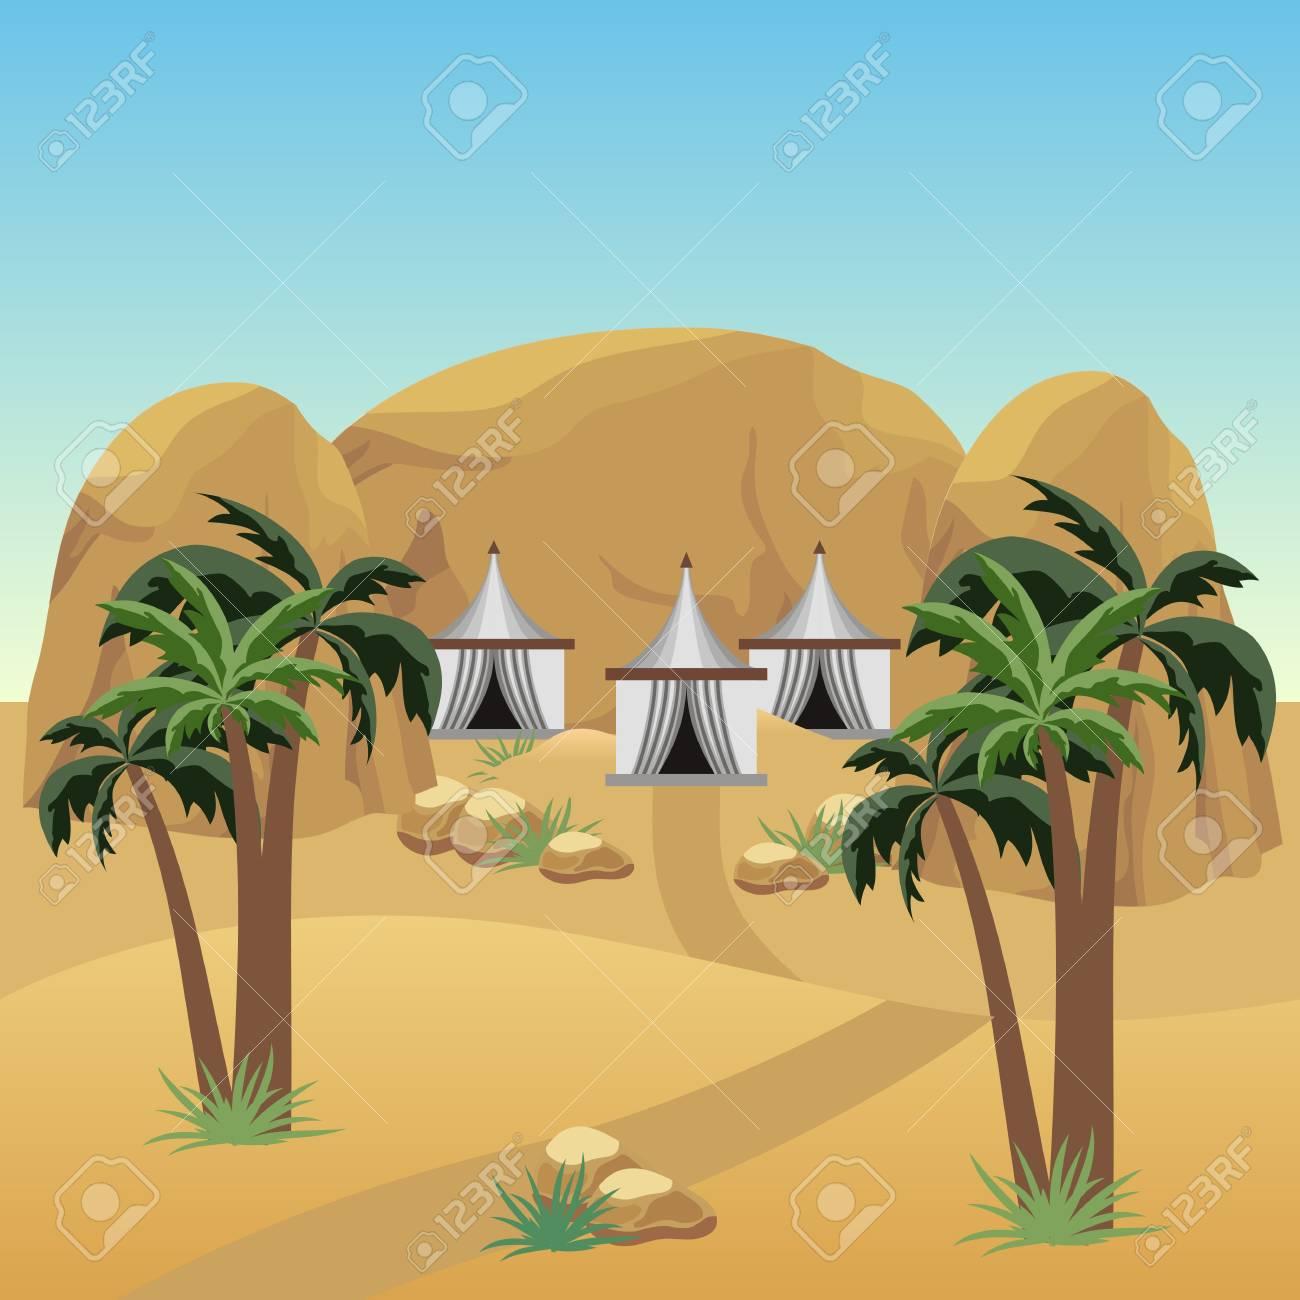 Nomad camp in desert. Landscape for cartoon or adventure game asset. Bedouins tents, sand dunes, palms, rocks. Vector illustration - 127107274